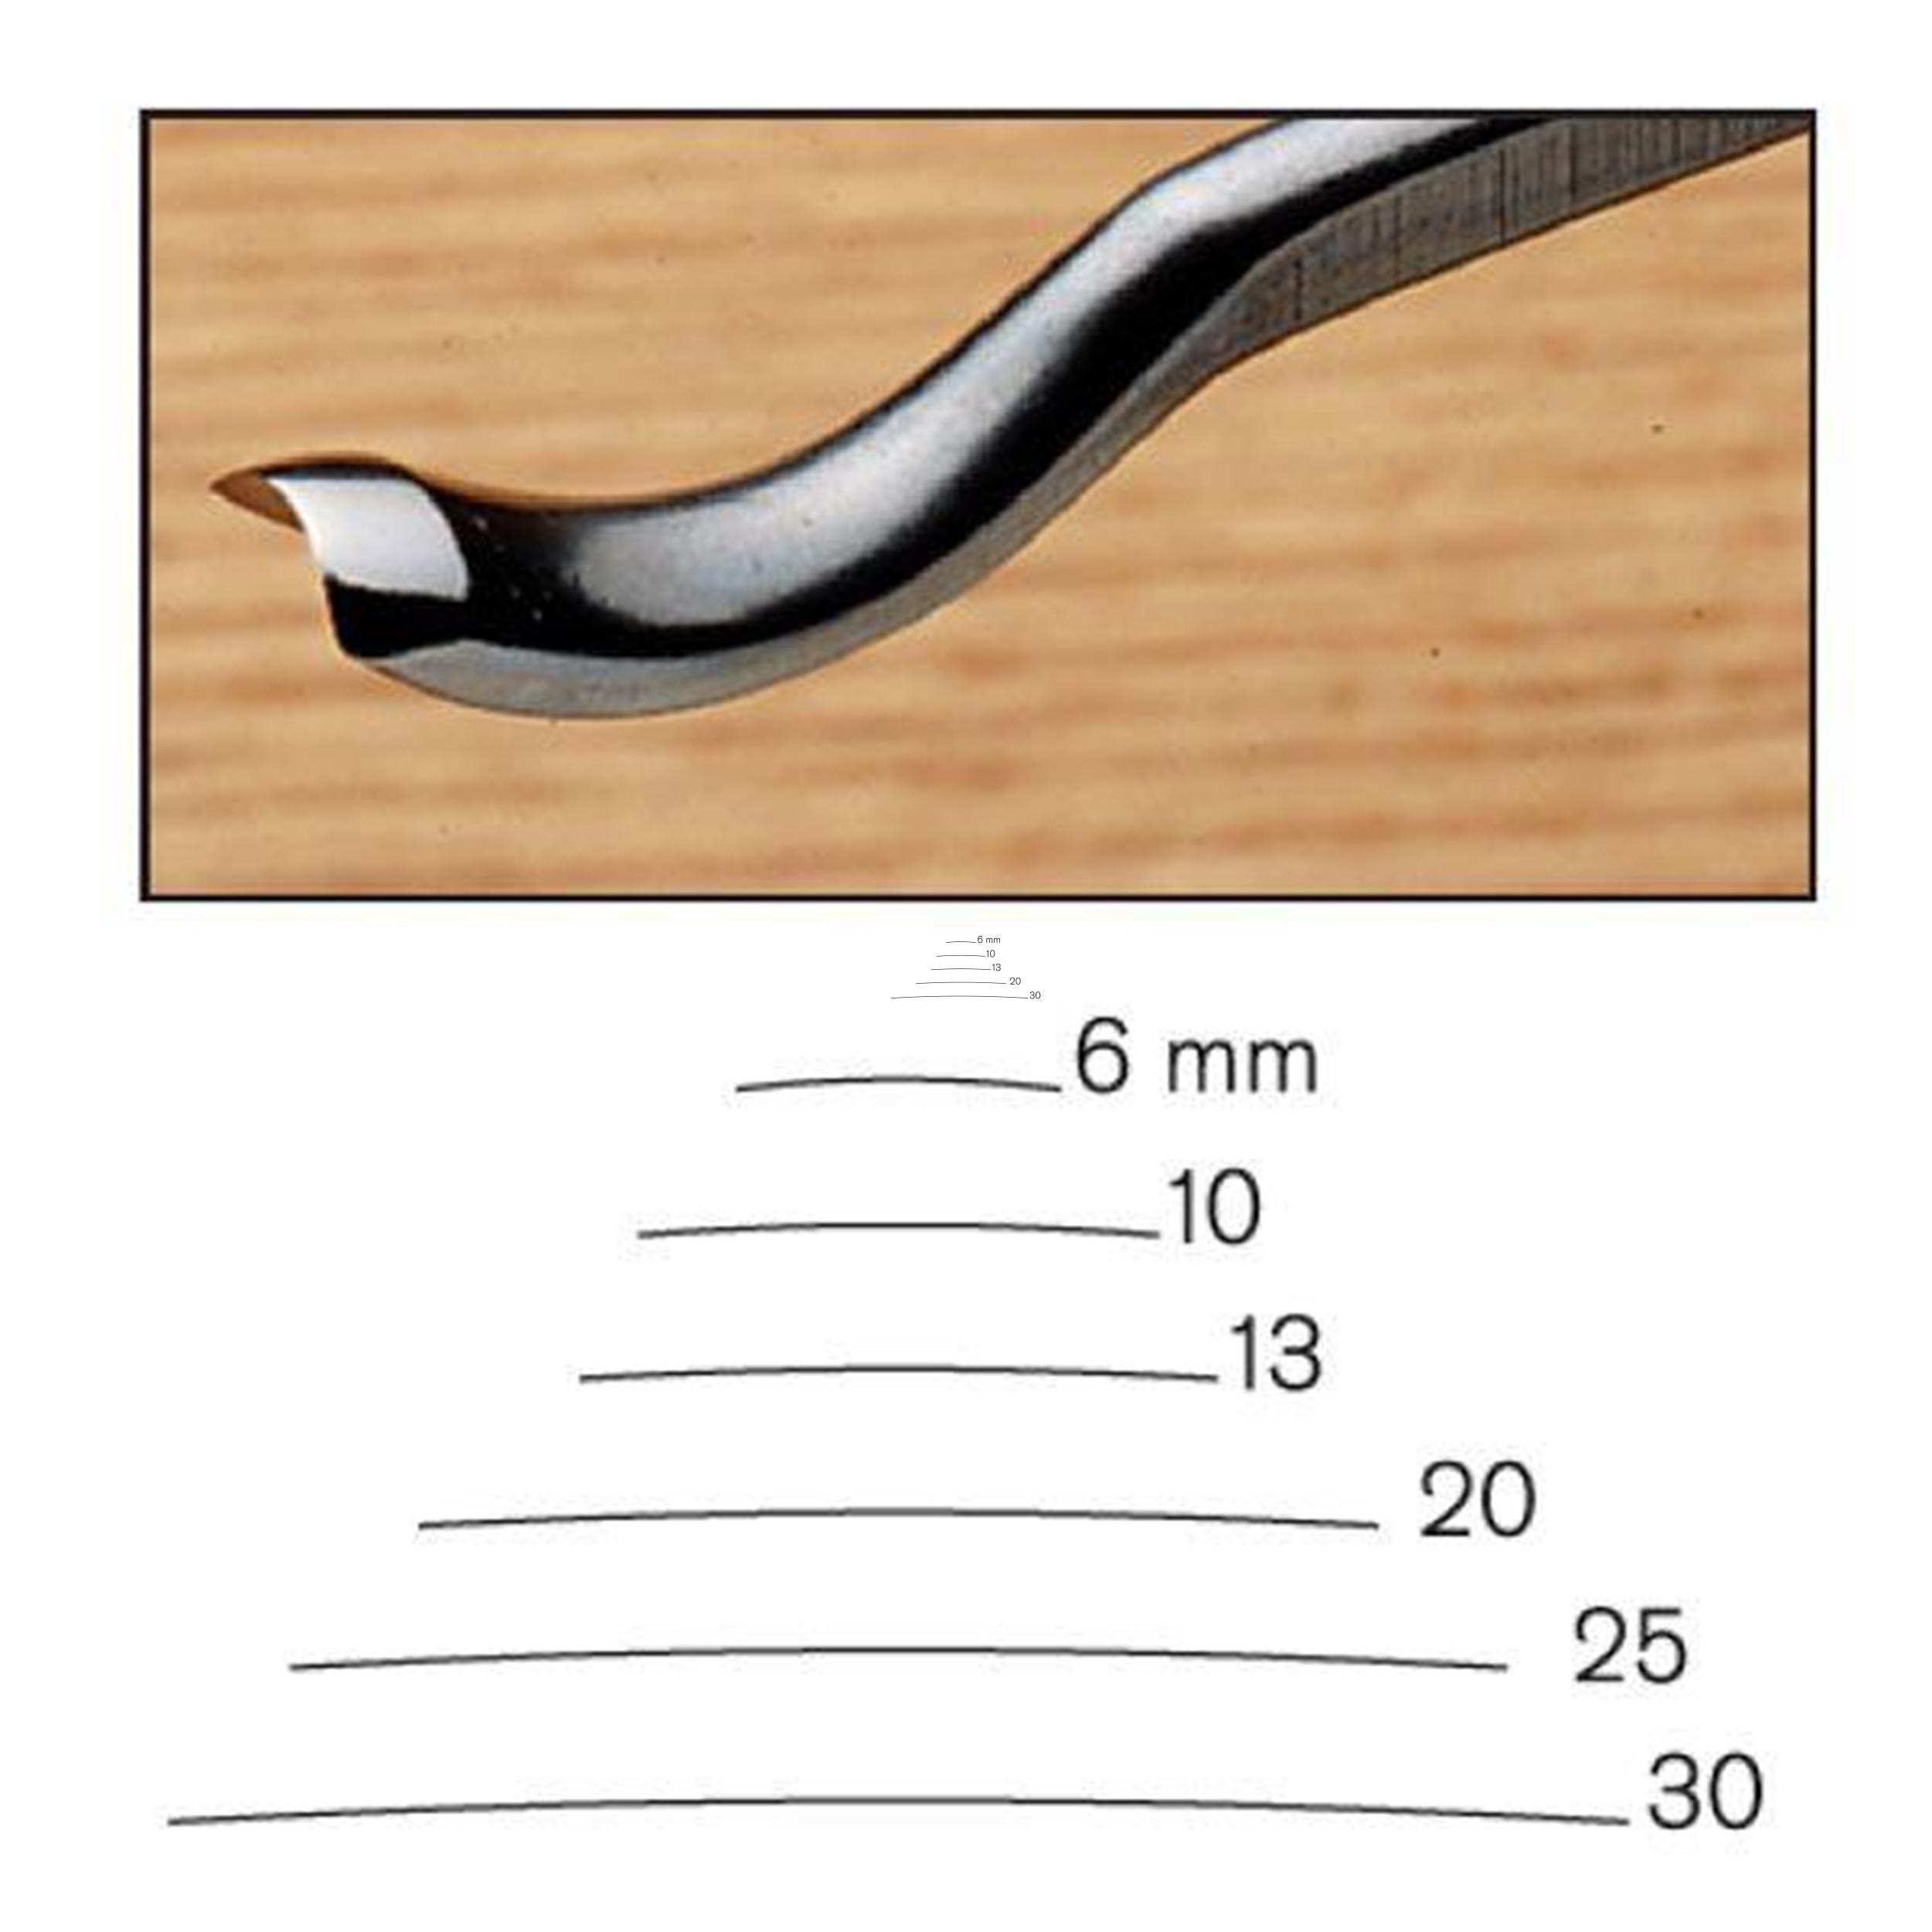 #20 Sweep Back Bent Gouge 30 mm, Full Size